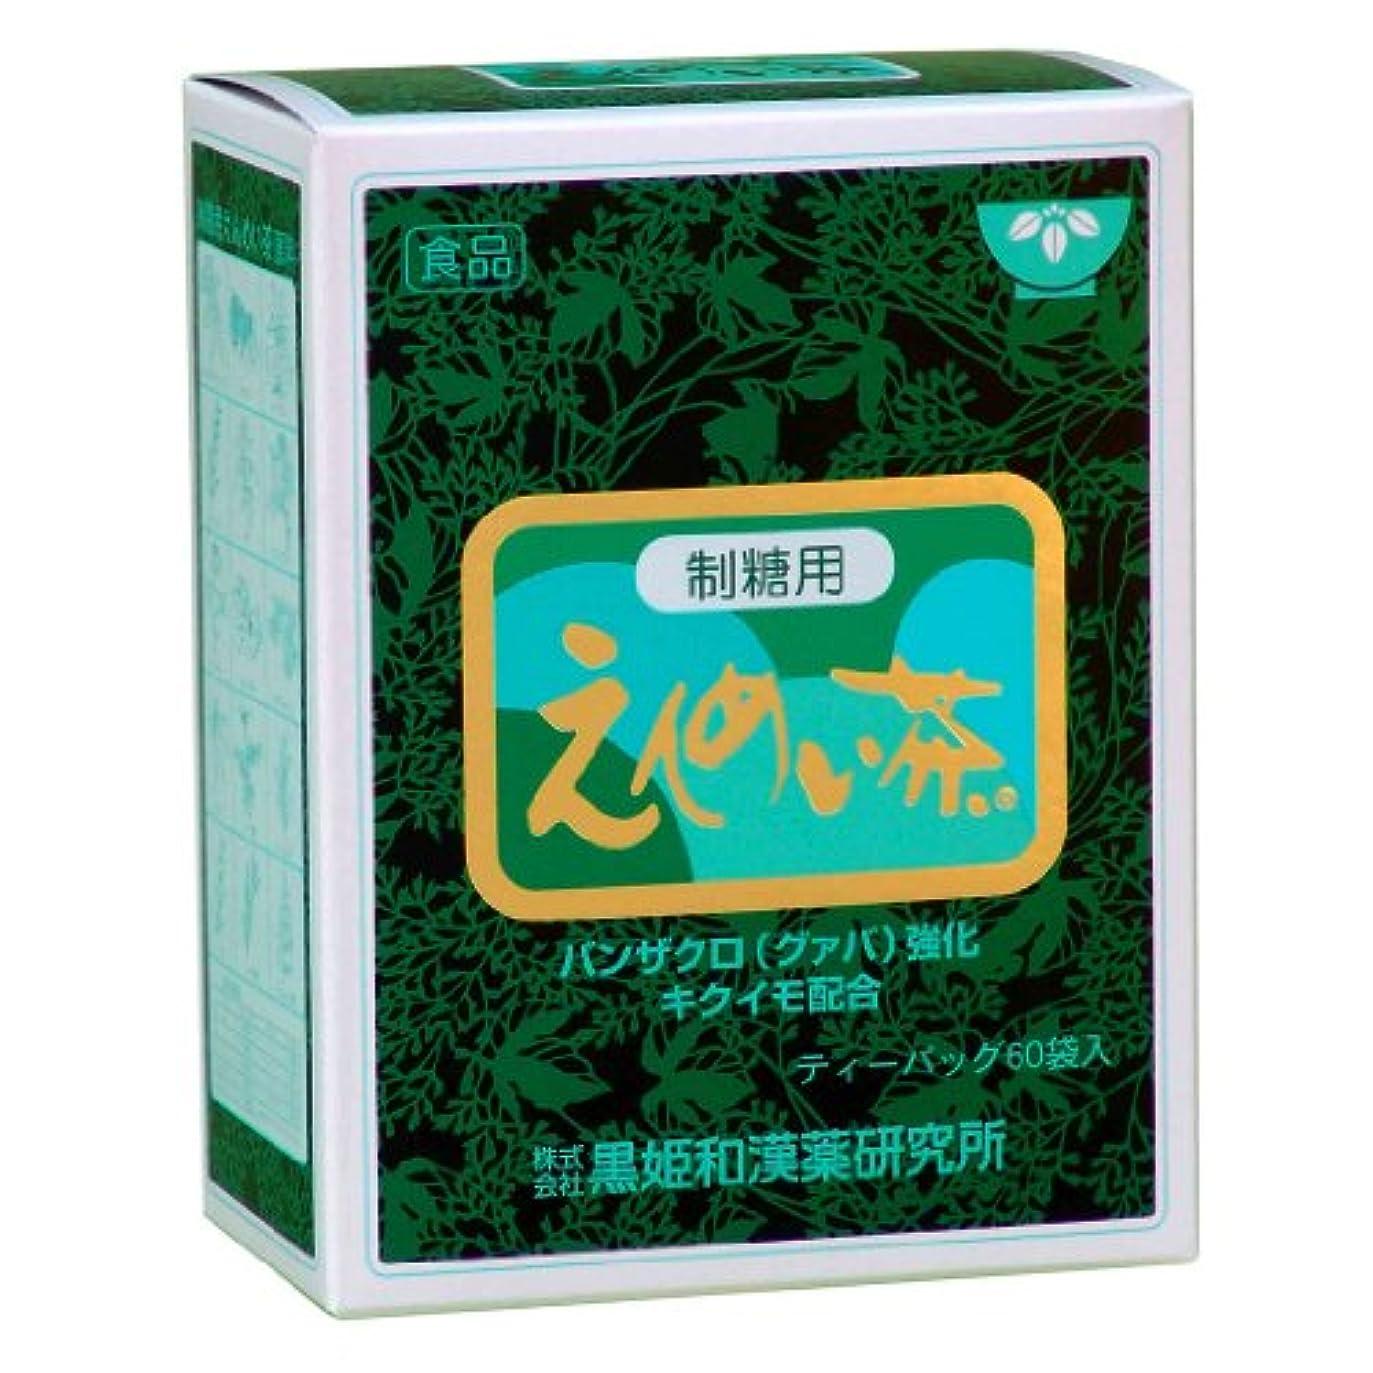 ホイップシャッフルバンドルユニマットリケン 黒姫えんめい茶制糖用 5gx60包